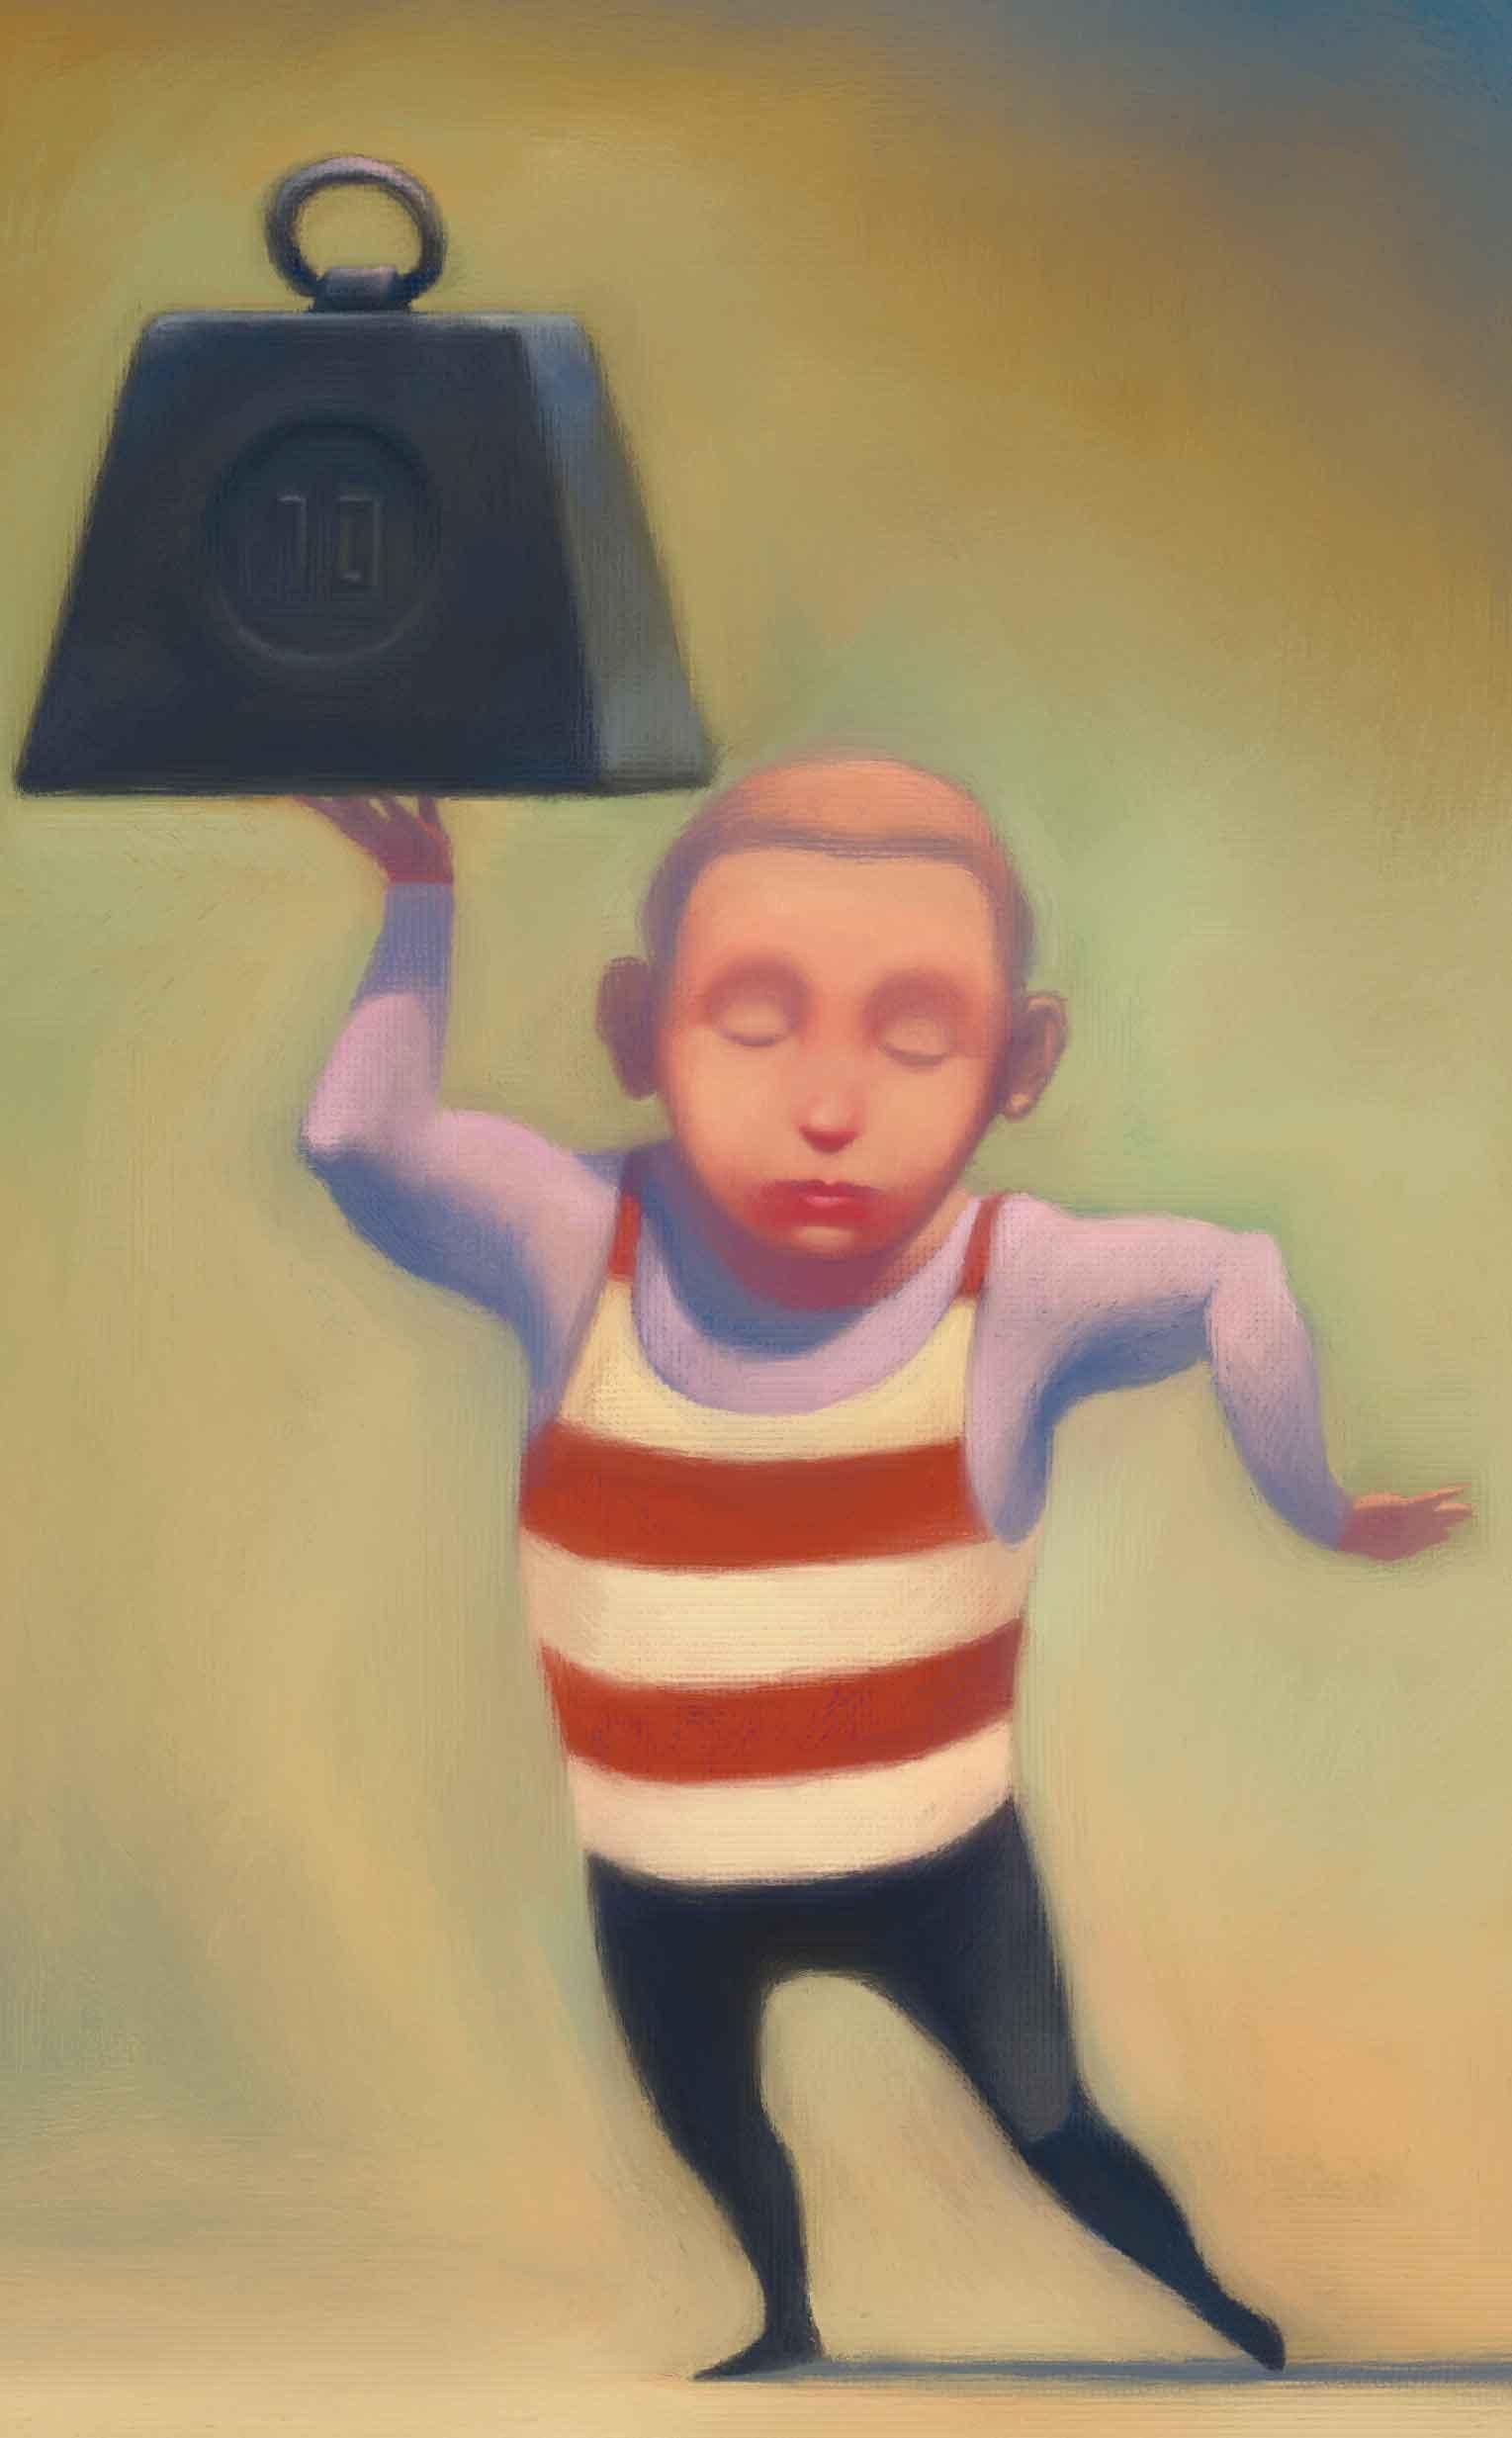 Ruiz Mignone, Occhichiusi, libro illustrato per ragazzi, Interlinea edizioni